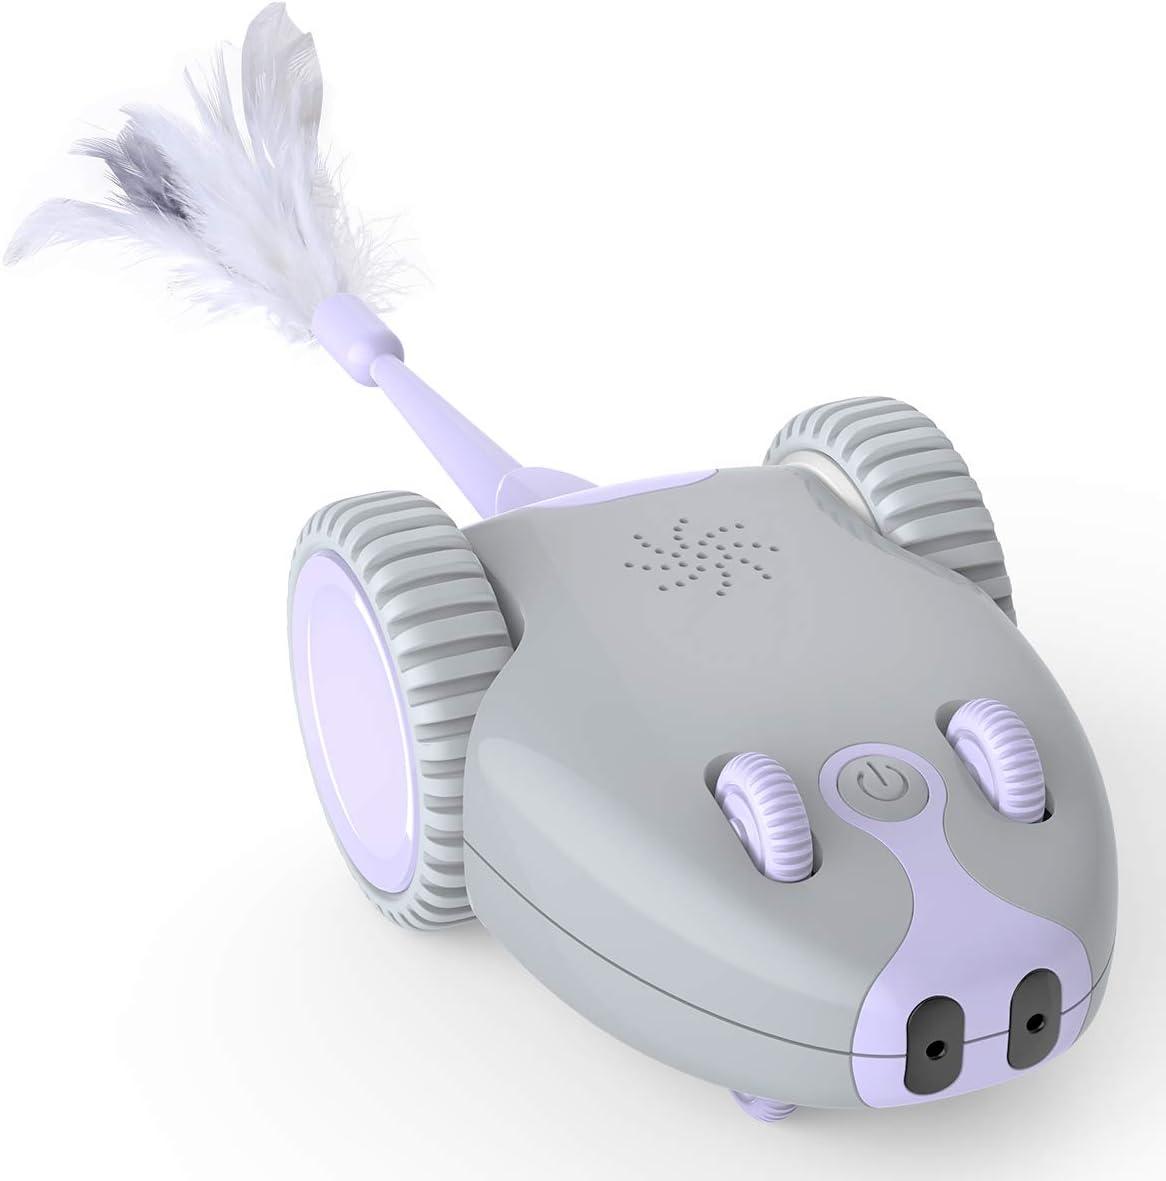 DADYPET Juguete para Gatos Robótico Interactivo,Forma de Mouse Movimiento Automático Irregular,USB Recargable Electrónico Juguetes Gatos con 5 Plumas